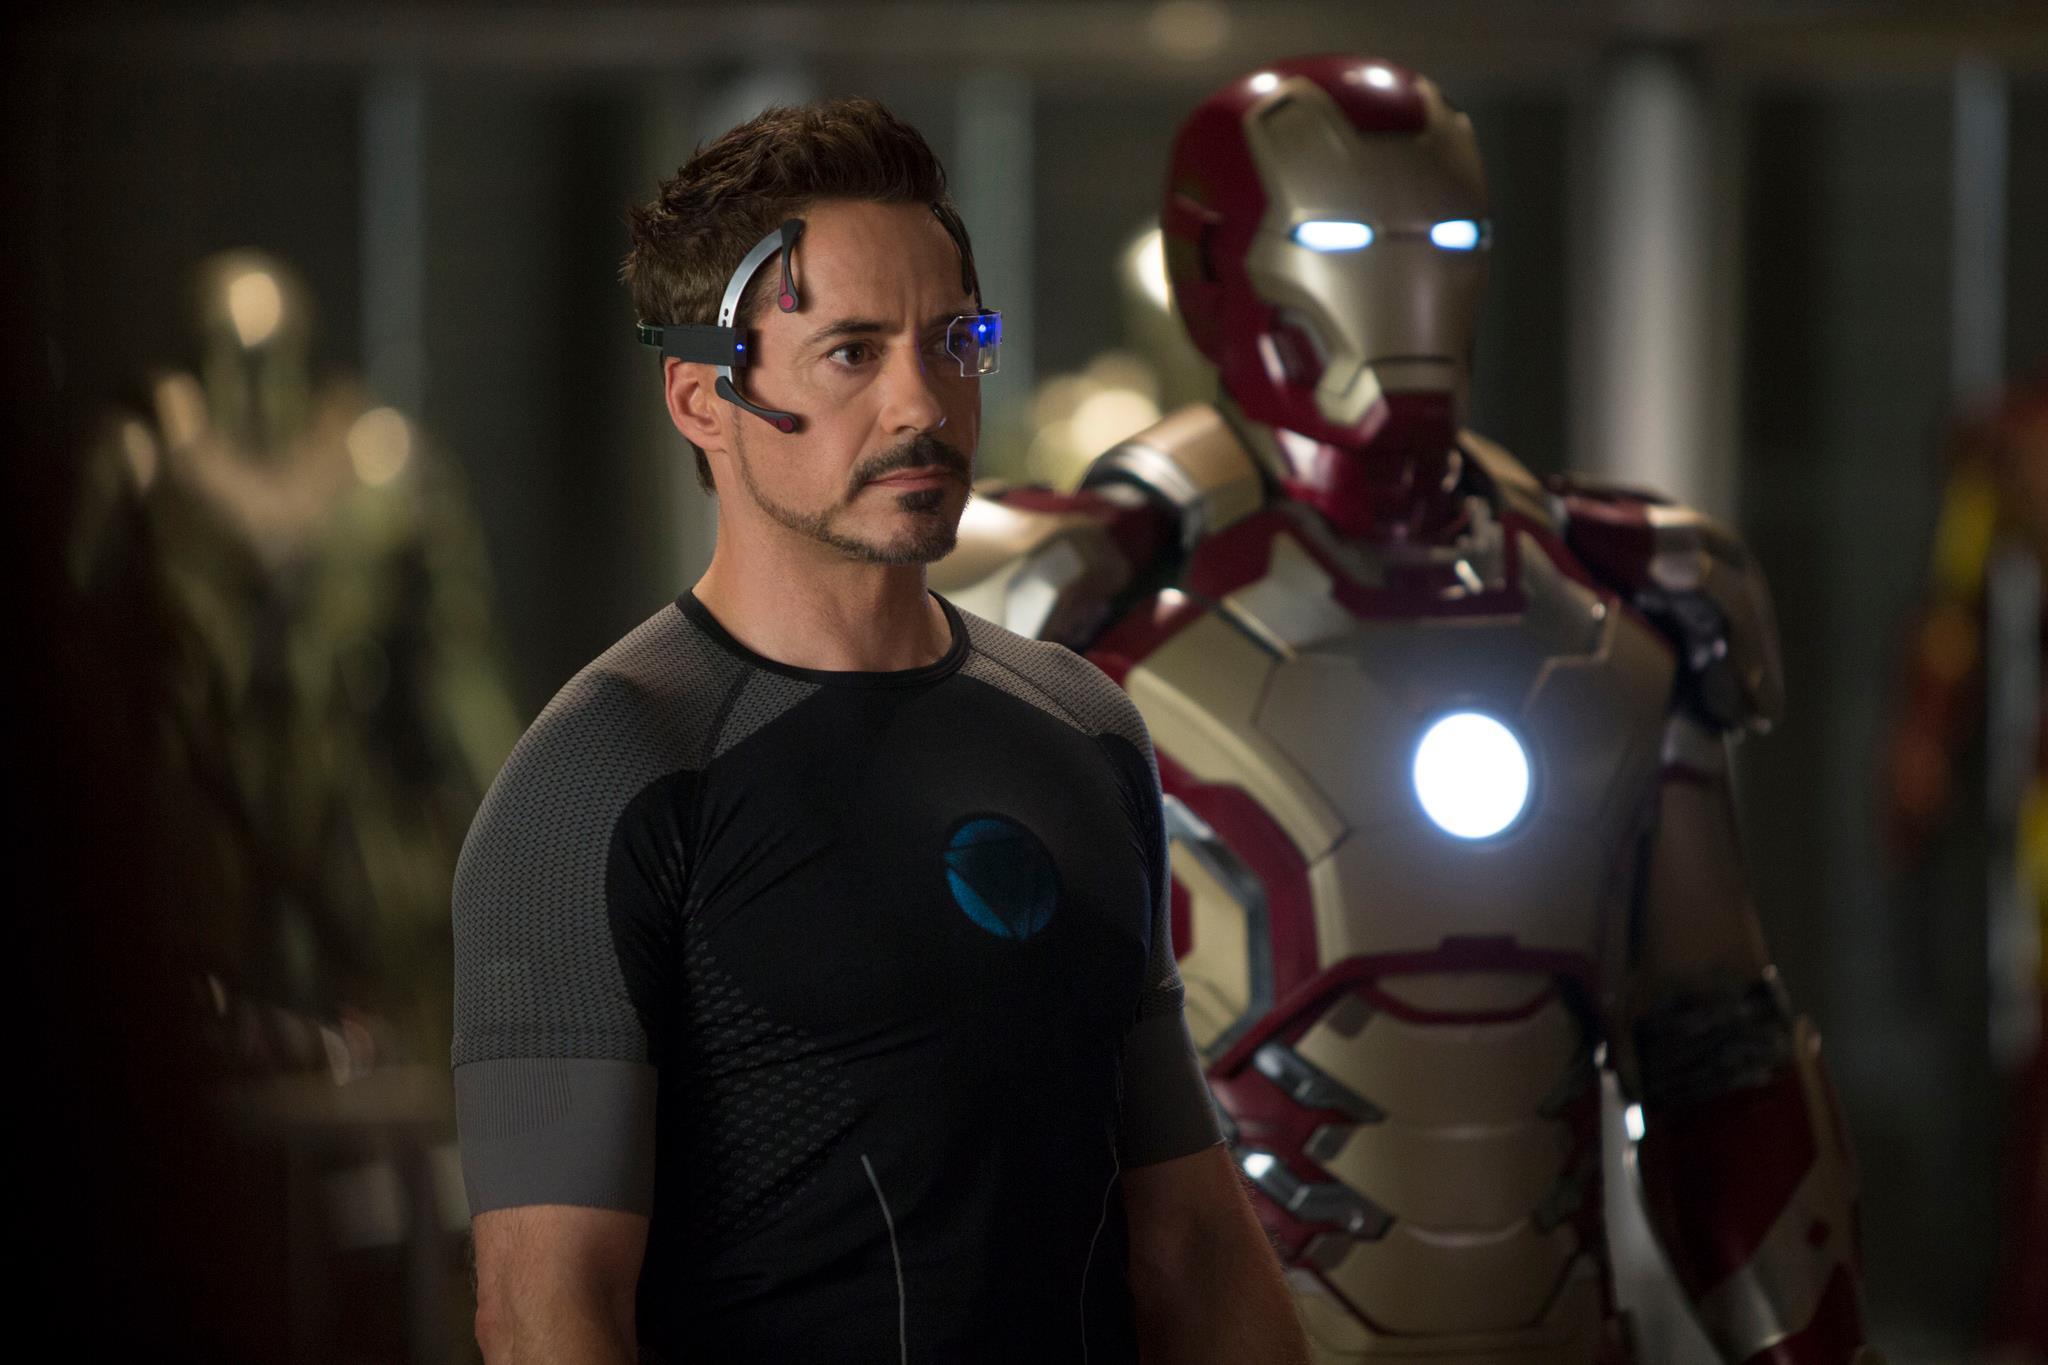 Spider-Man: Homecoming, Iron Man, Avengers: Infinity War, Robert Downey Jr., Avengers 4, Iron Man